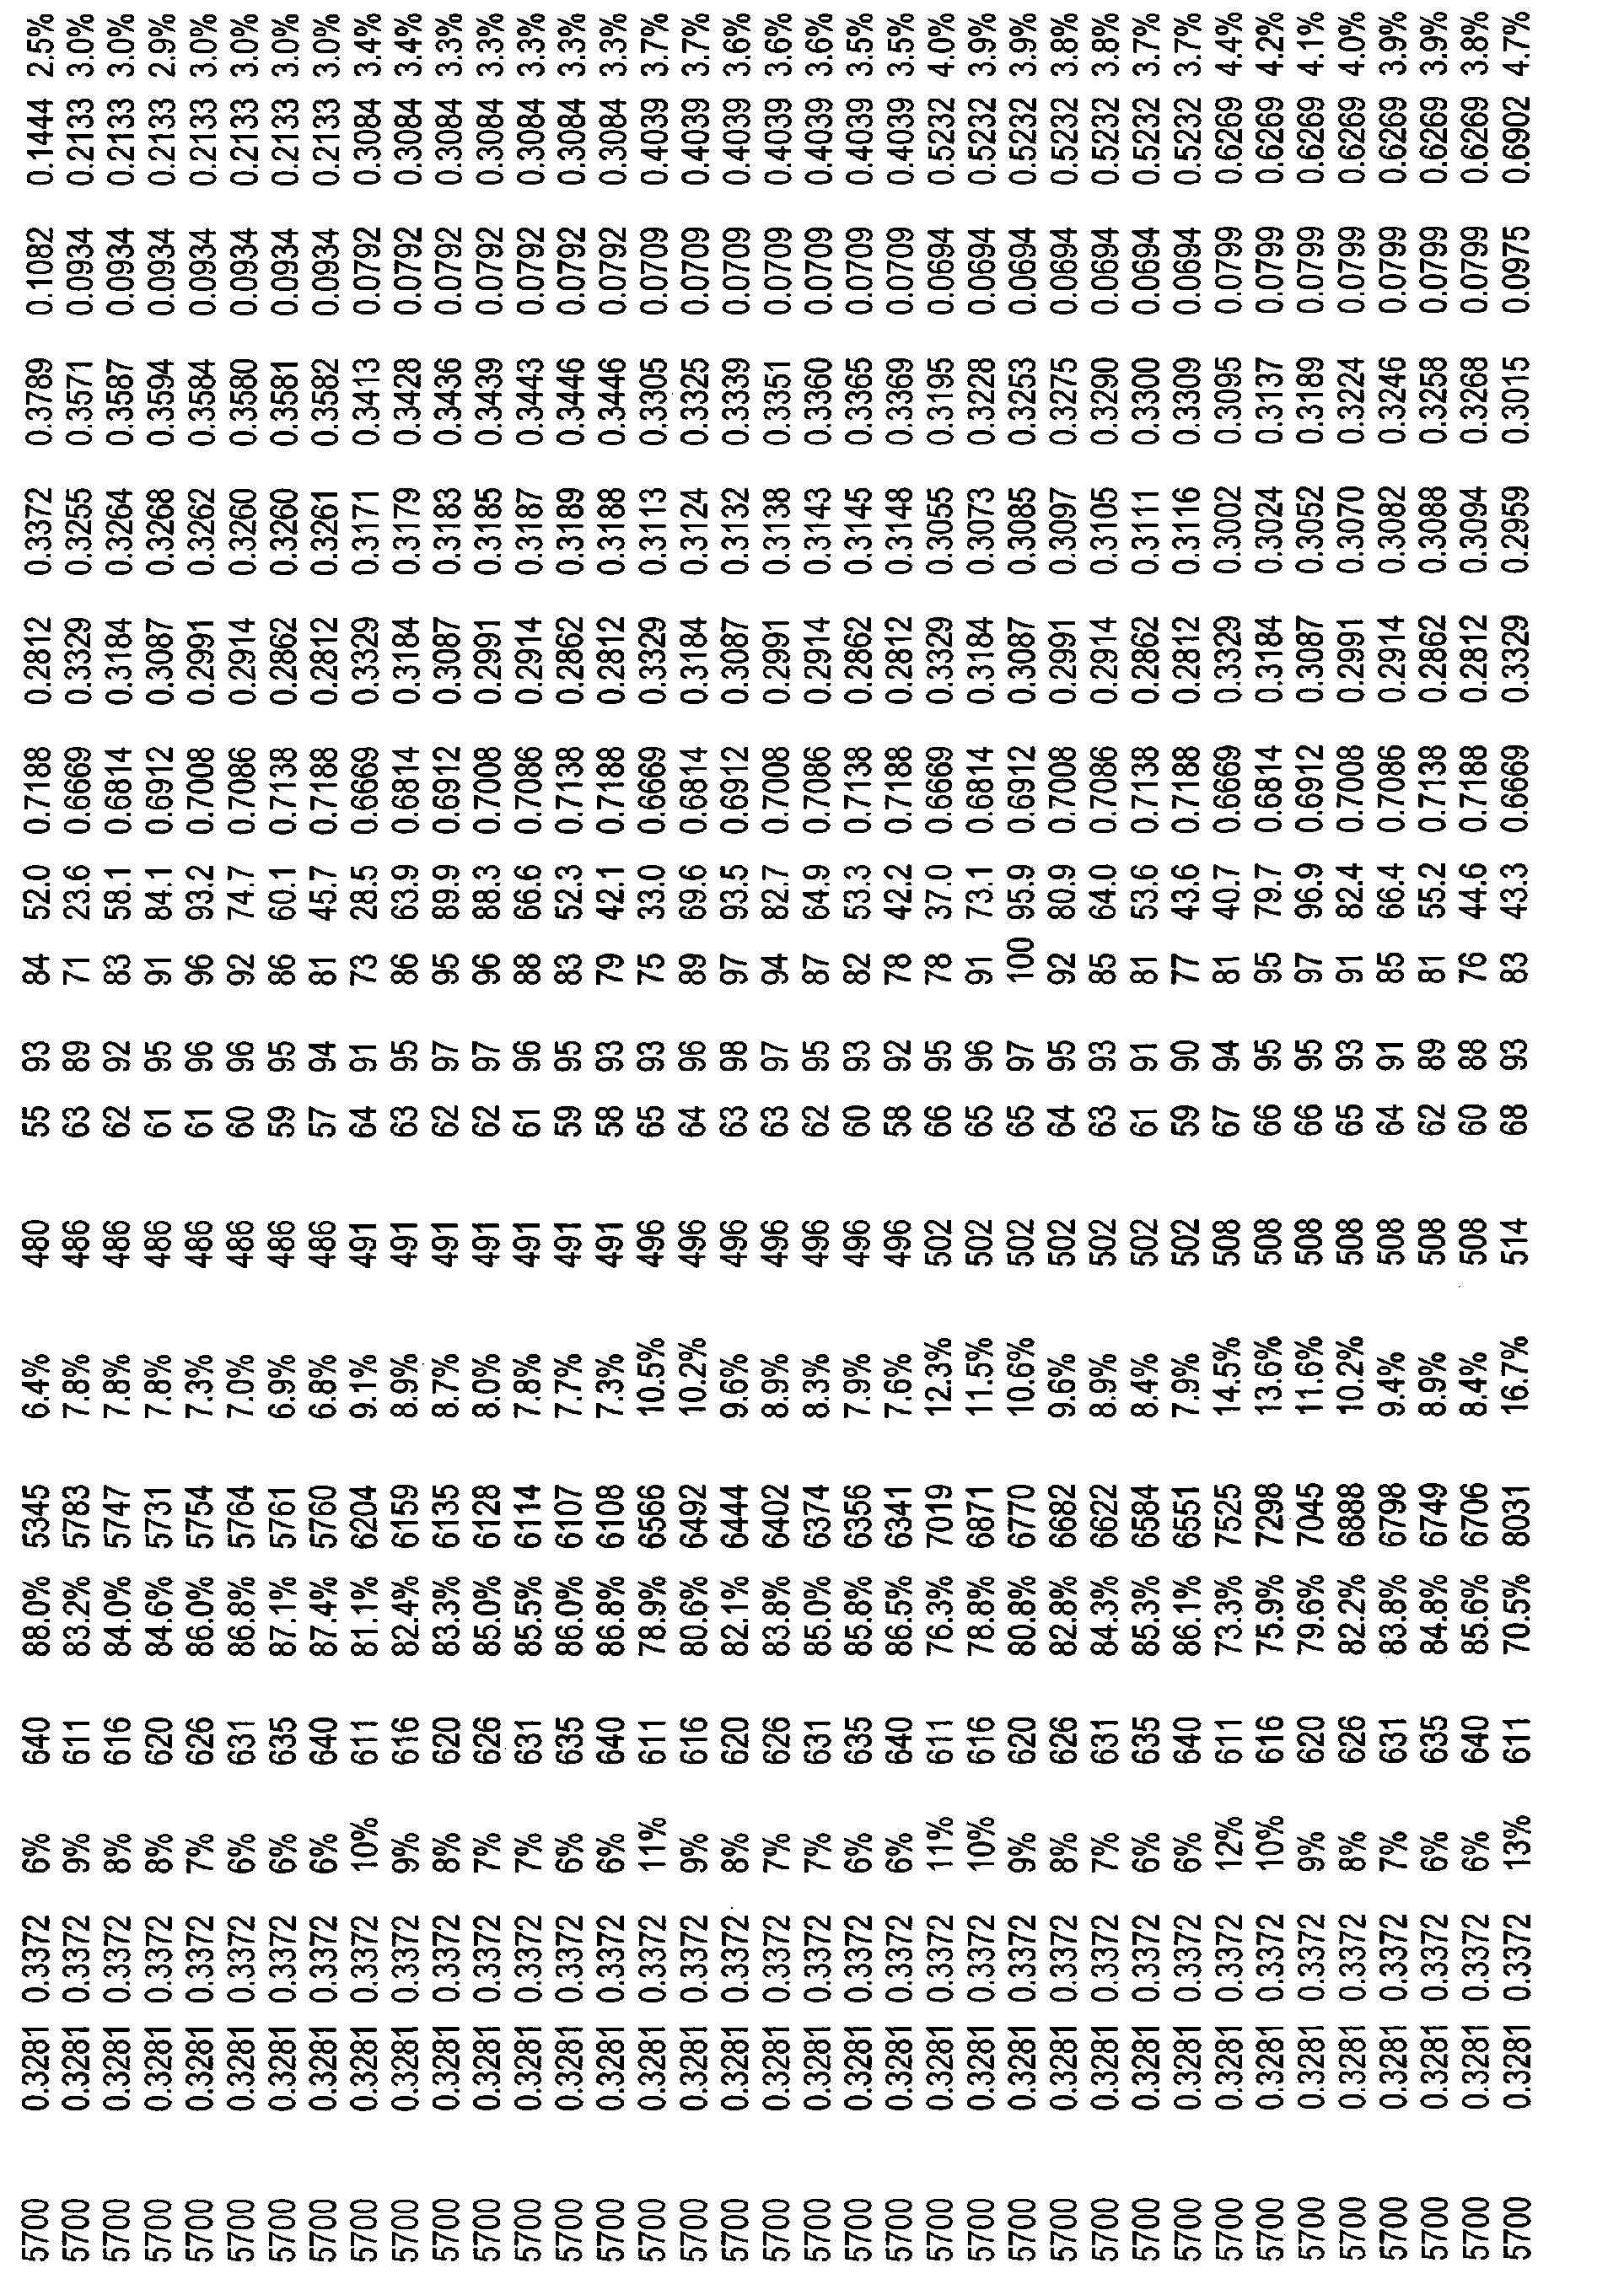 Figure CN101821544BD00461